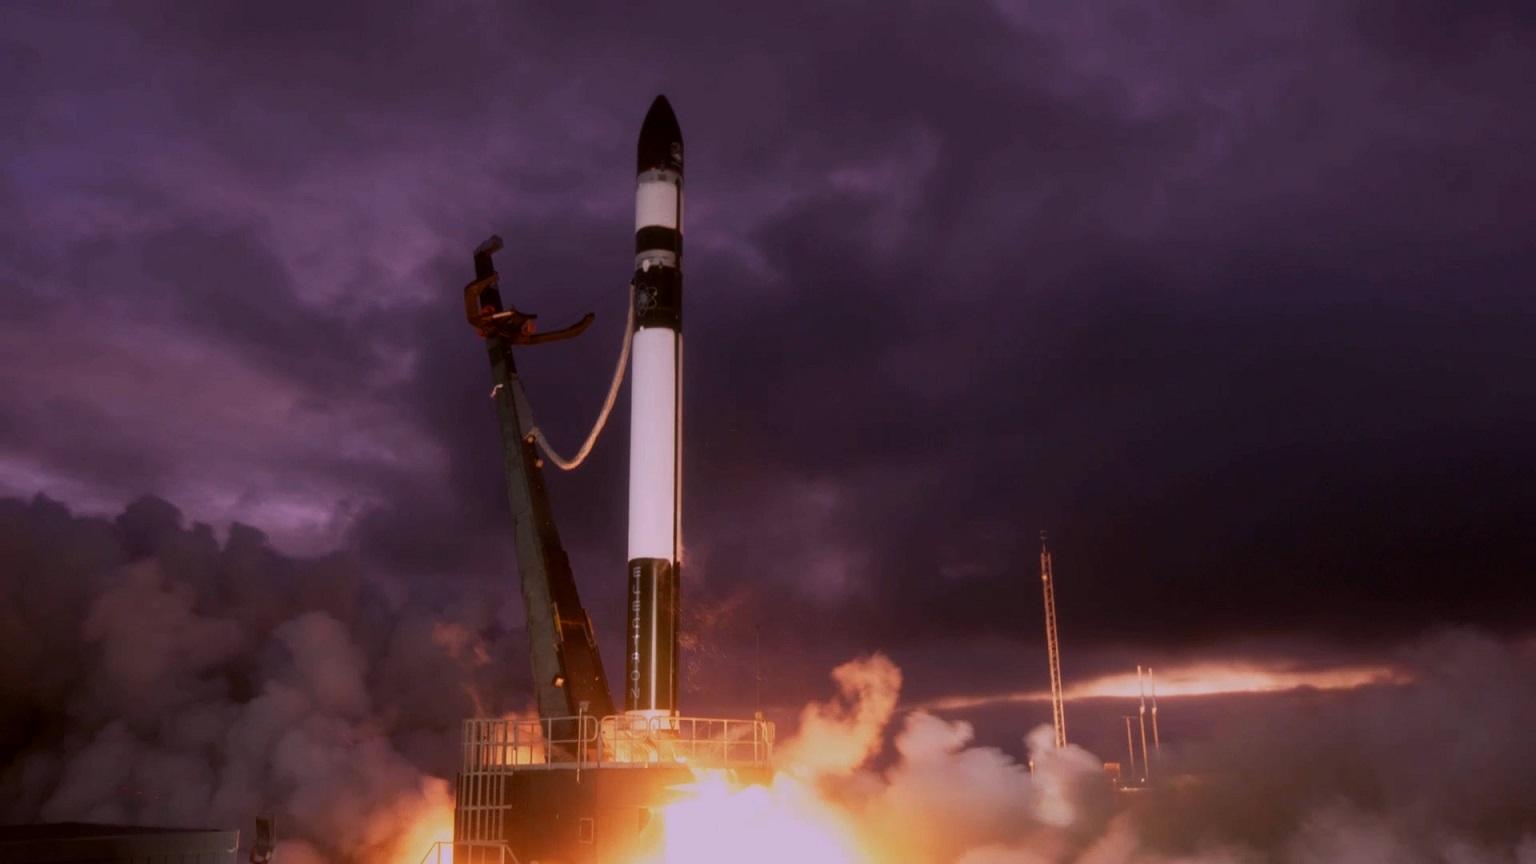 Figure 1: Lansarea rachetei Electron Don't Stop Me Now de pe rampa LC-1, Mahia, Noua Zeelandă (Sursa foto: RocketLab)